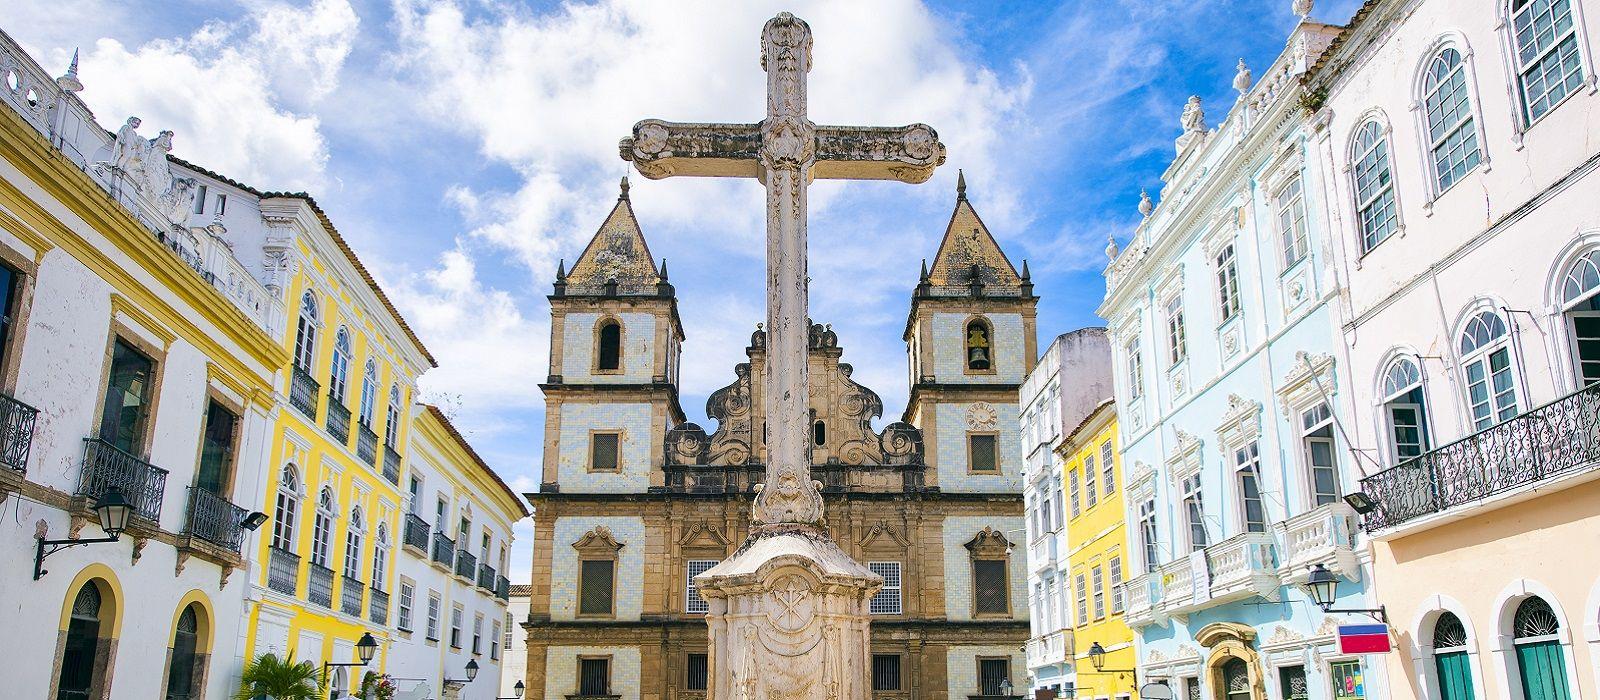 Destination Salvador da Bahia Brazil